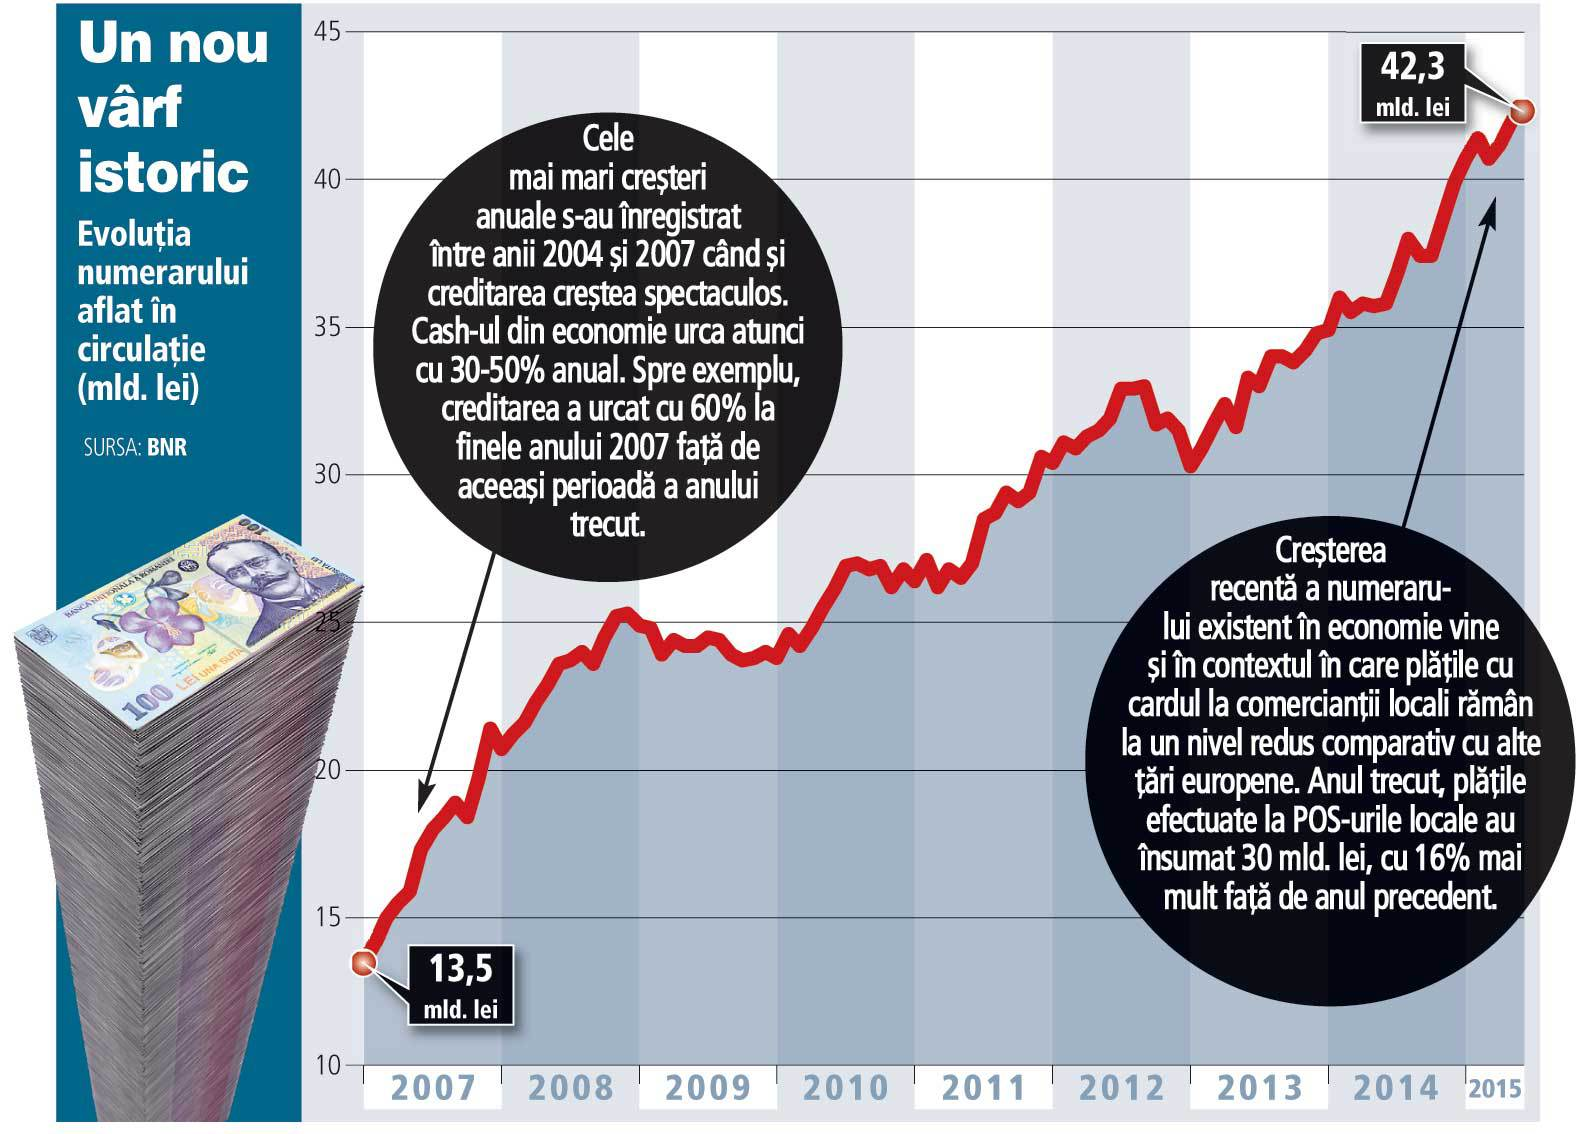 Economia românească este tot mai dependentă de cash: numerarul aflat în circulaţie bate încă un record